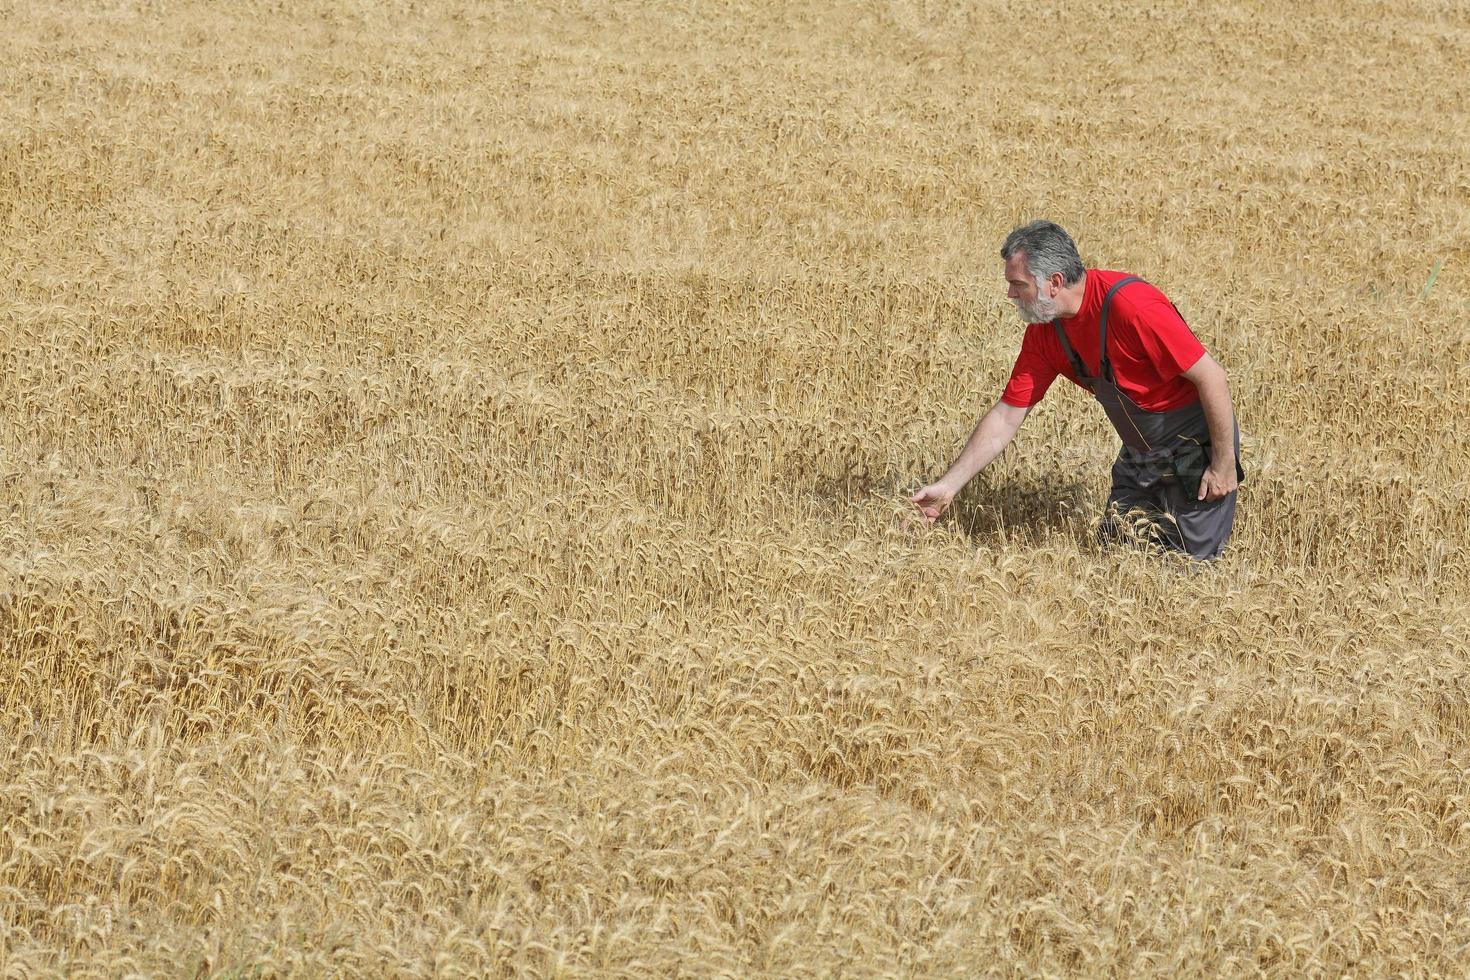 jordbruksscen, jordbrukare eller agronom inspekterar vetefält foto